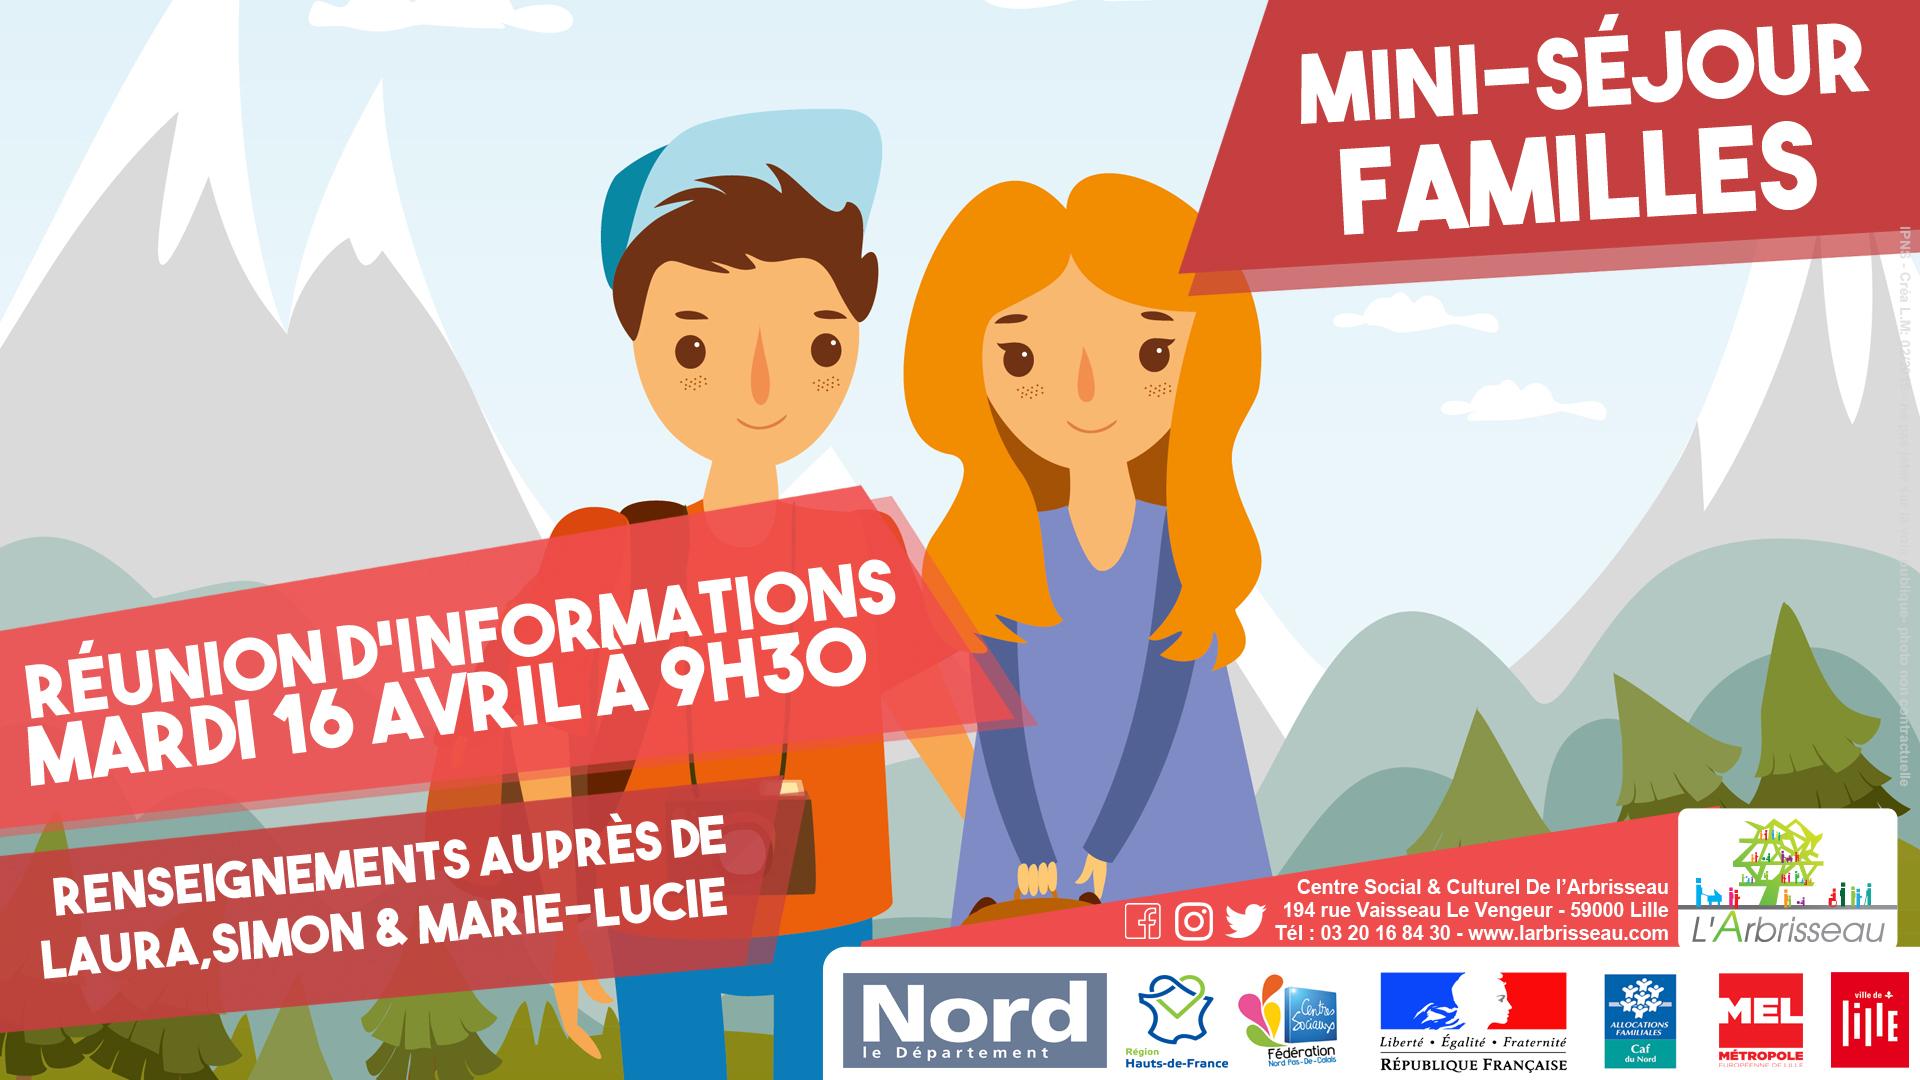 Réunion : Mini-séjour familles